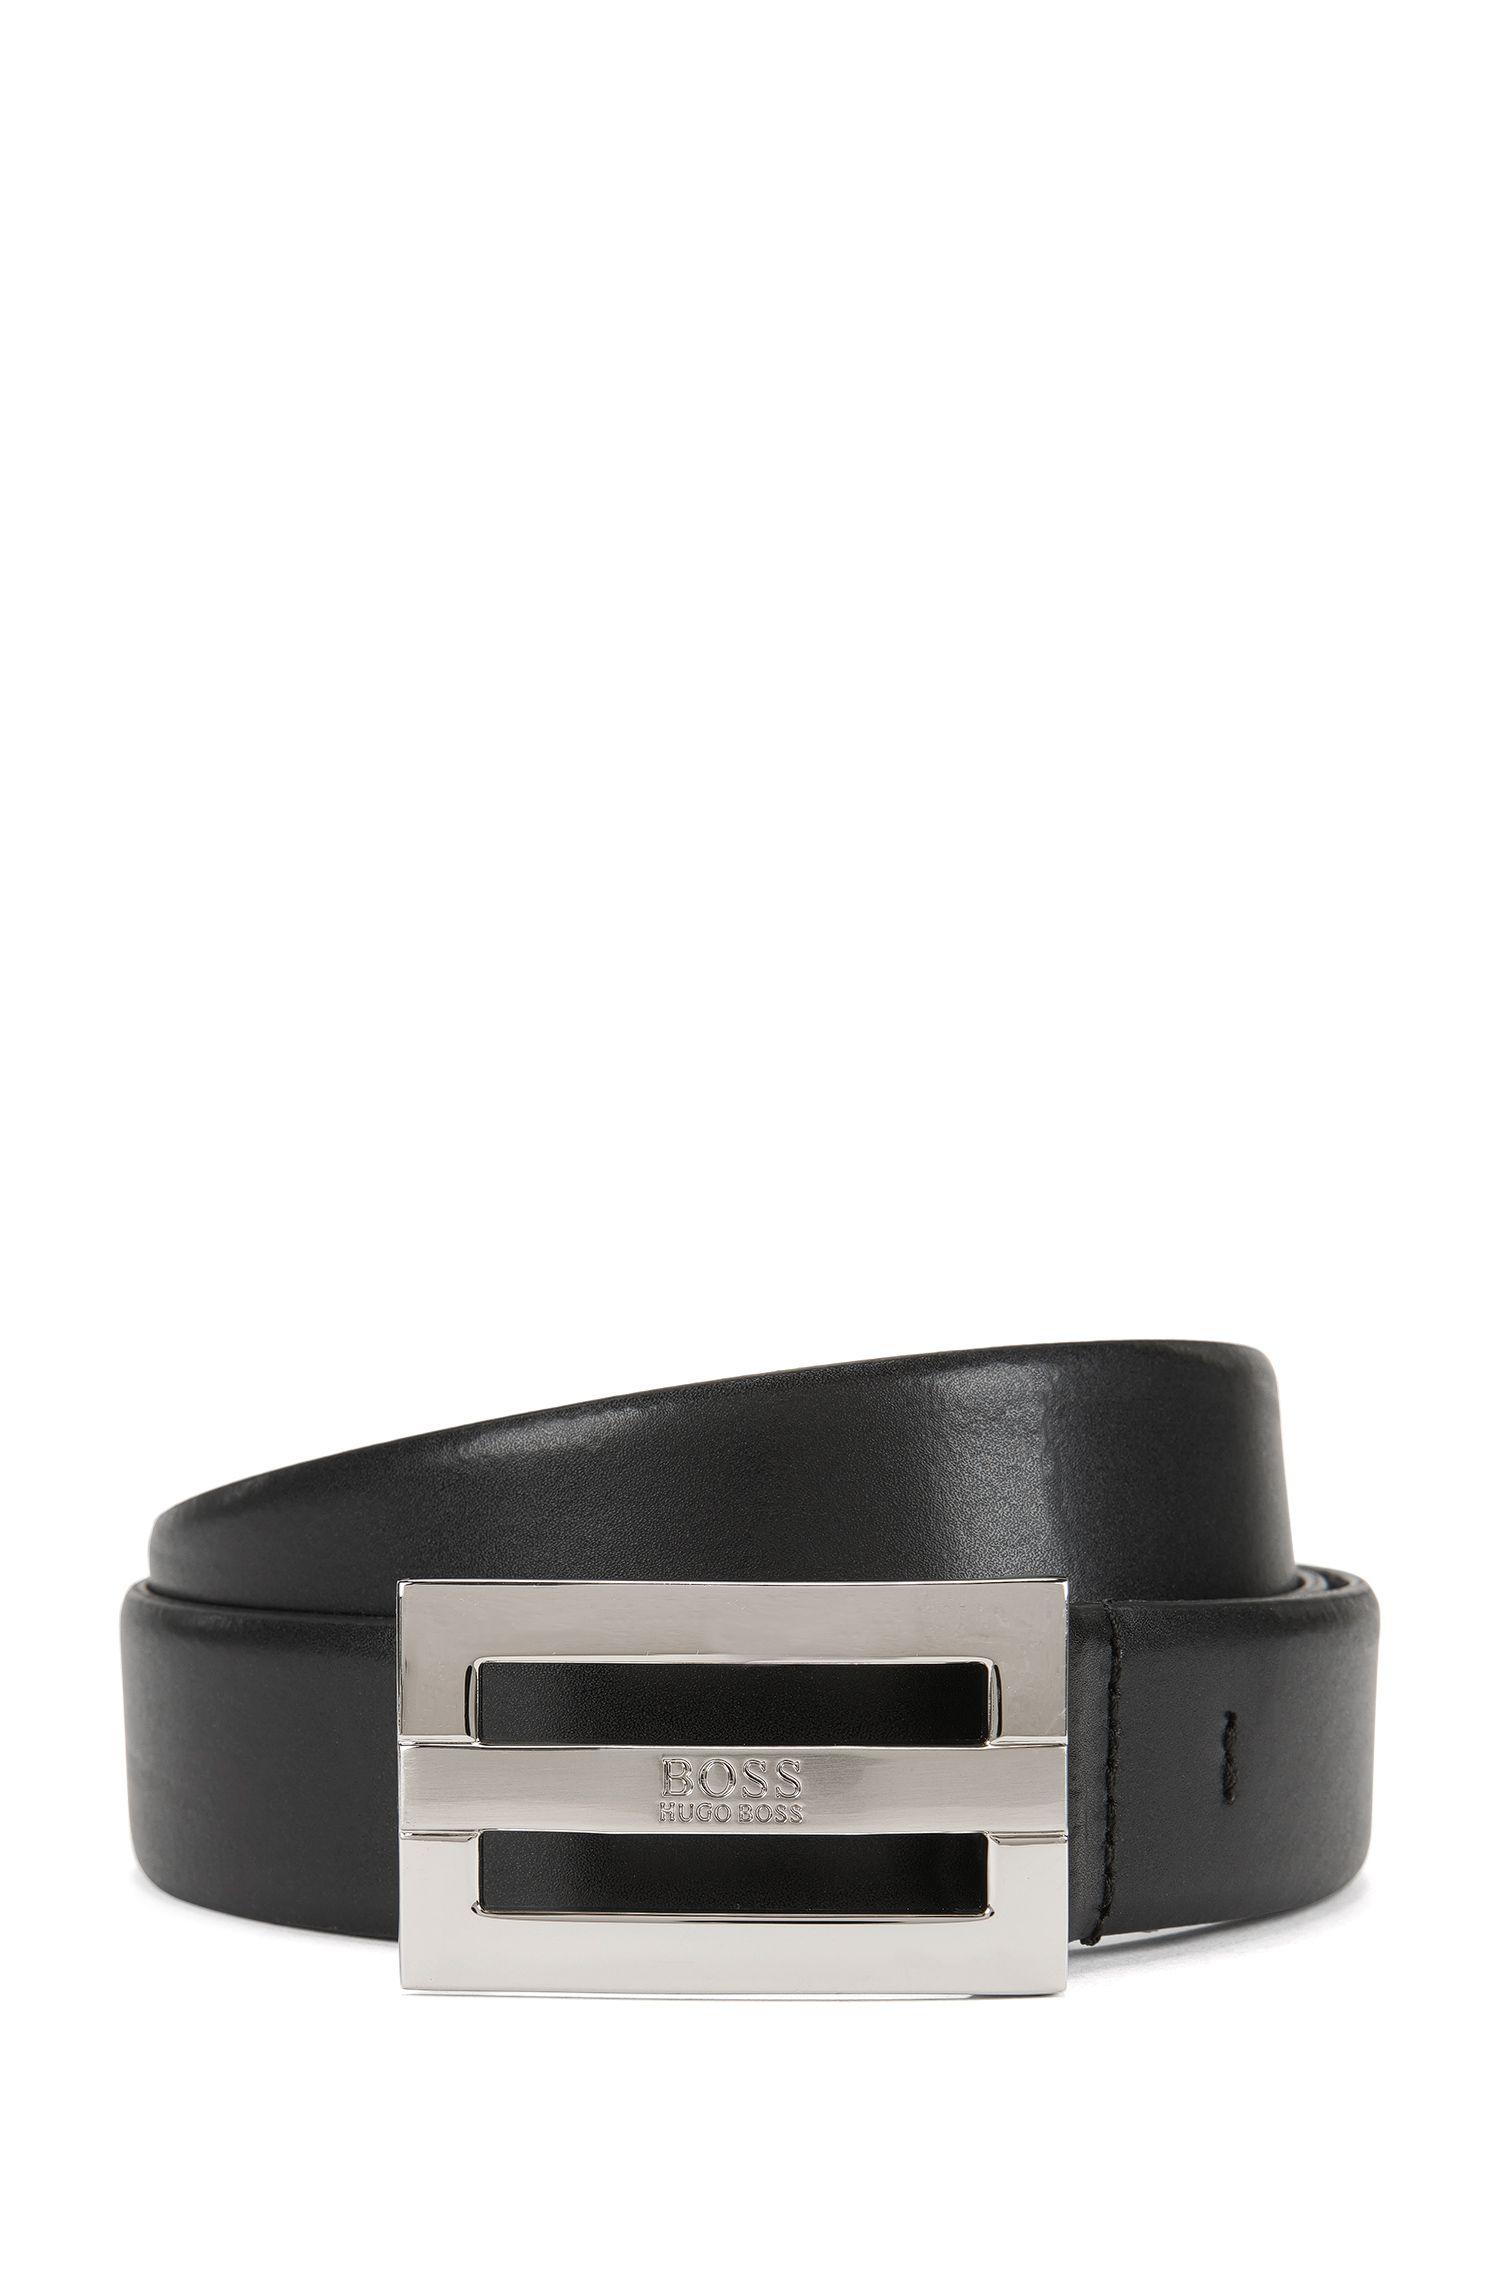 Cinturón de piel con detalle de la marca en la hebilla